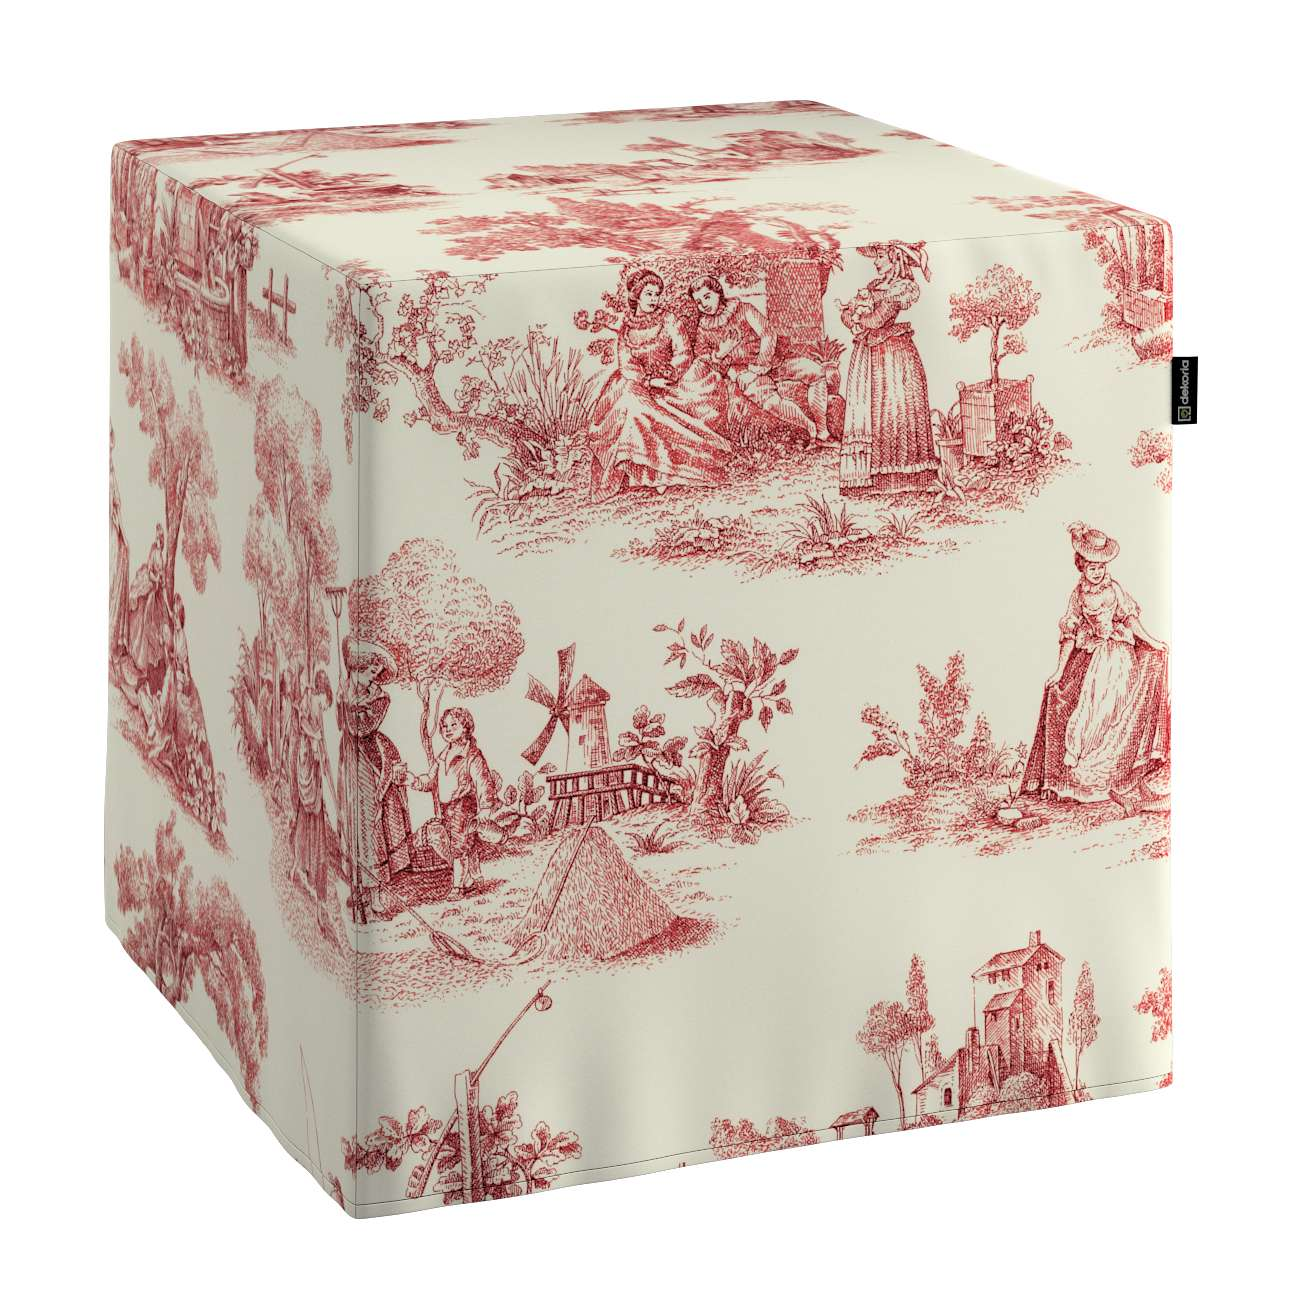 Pokrowiec na pufę kostke kostka 40x40x40 cm w kolekcji Avinon, tkanina: 132-15